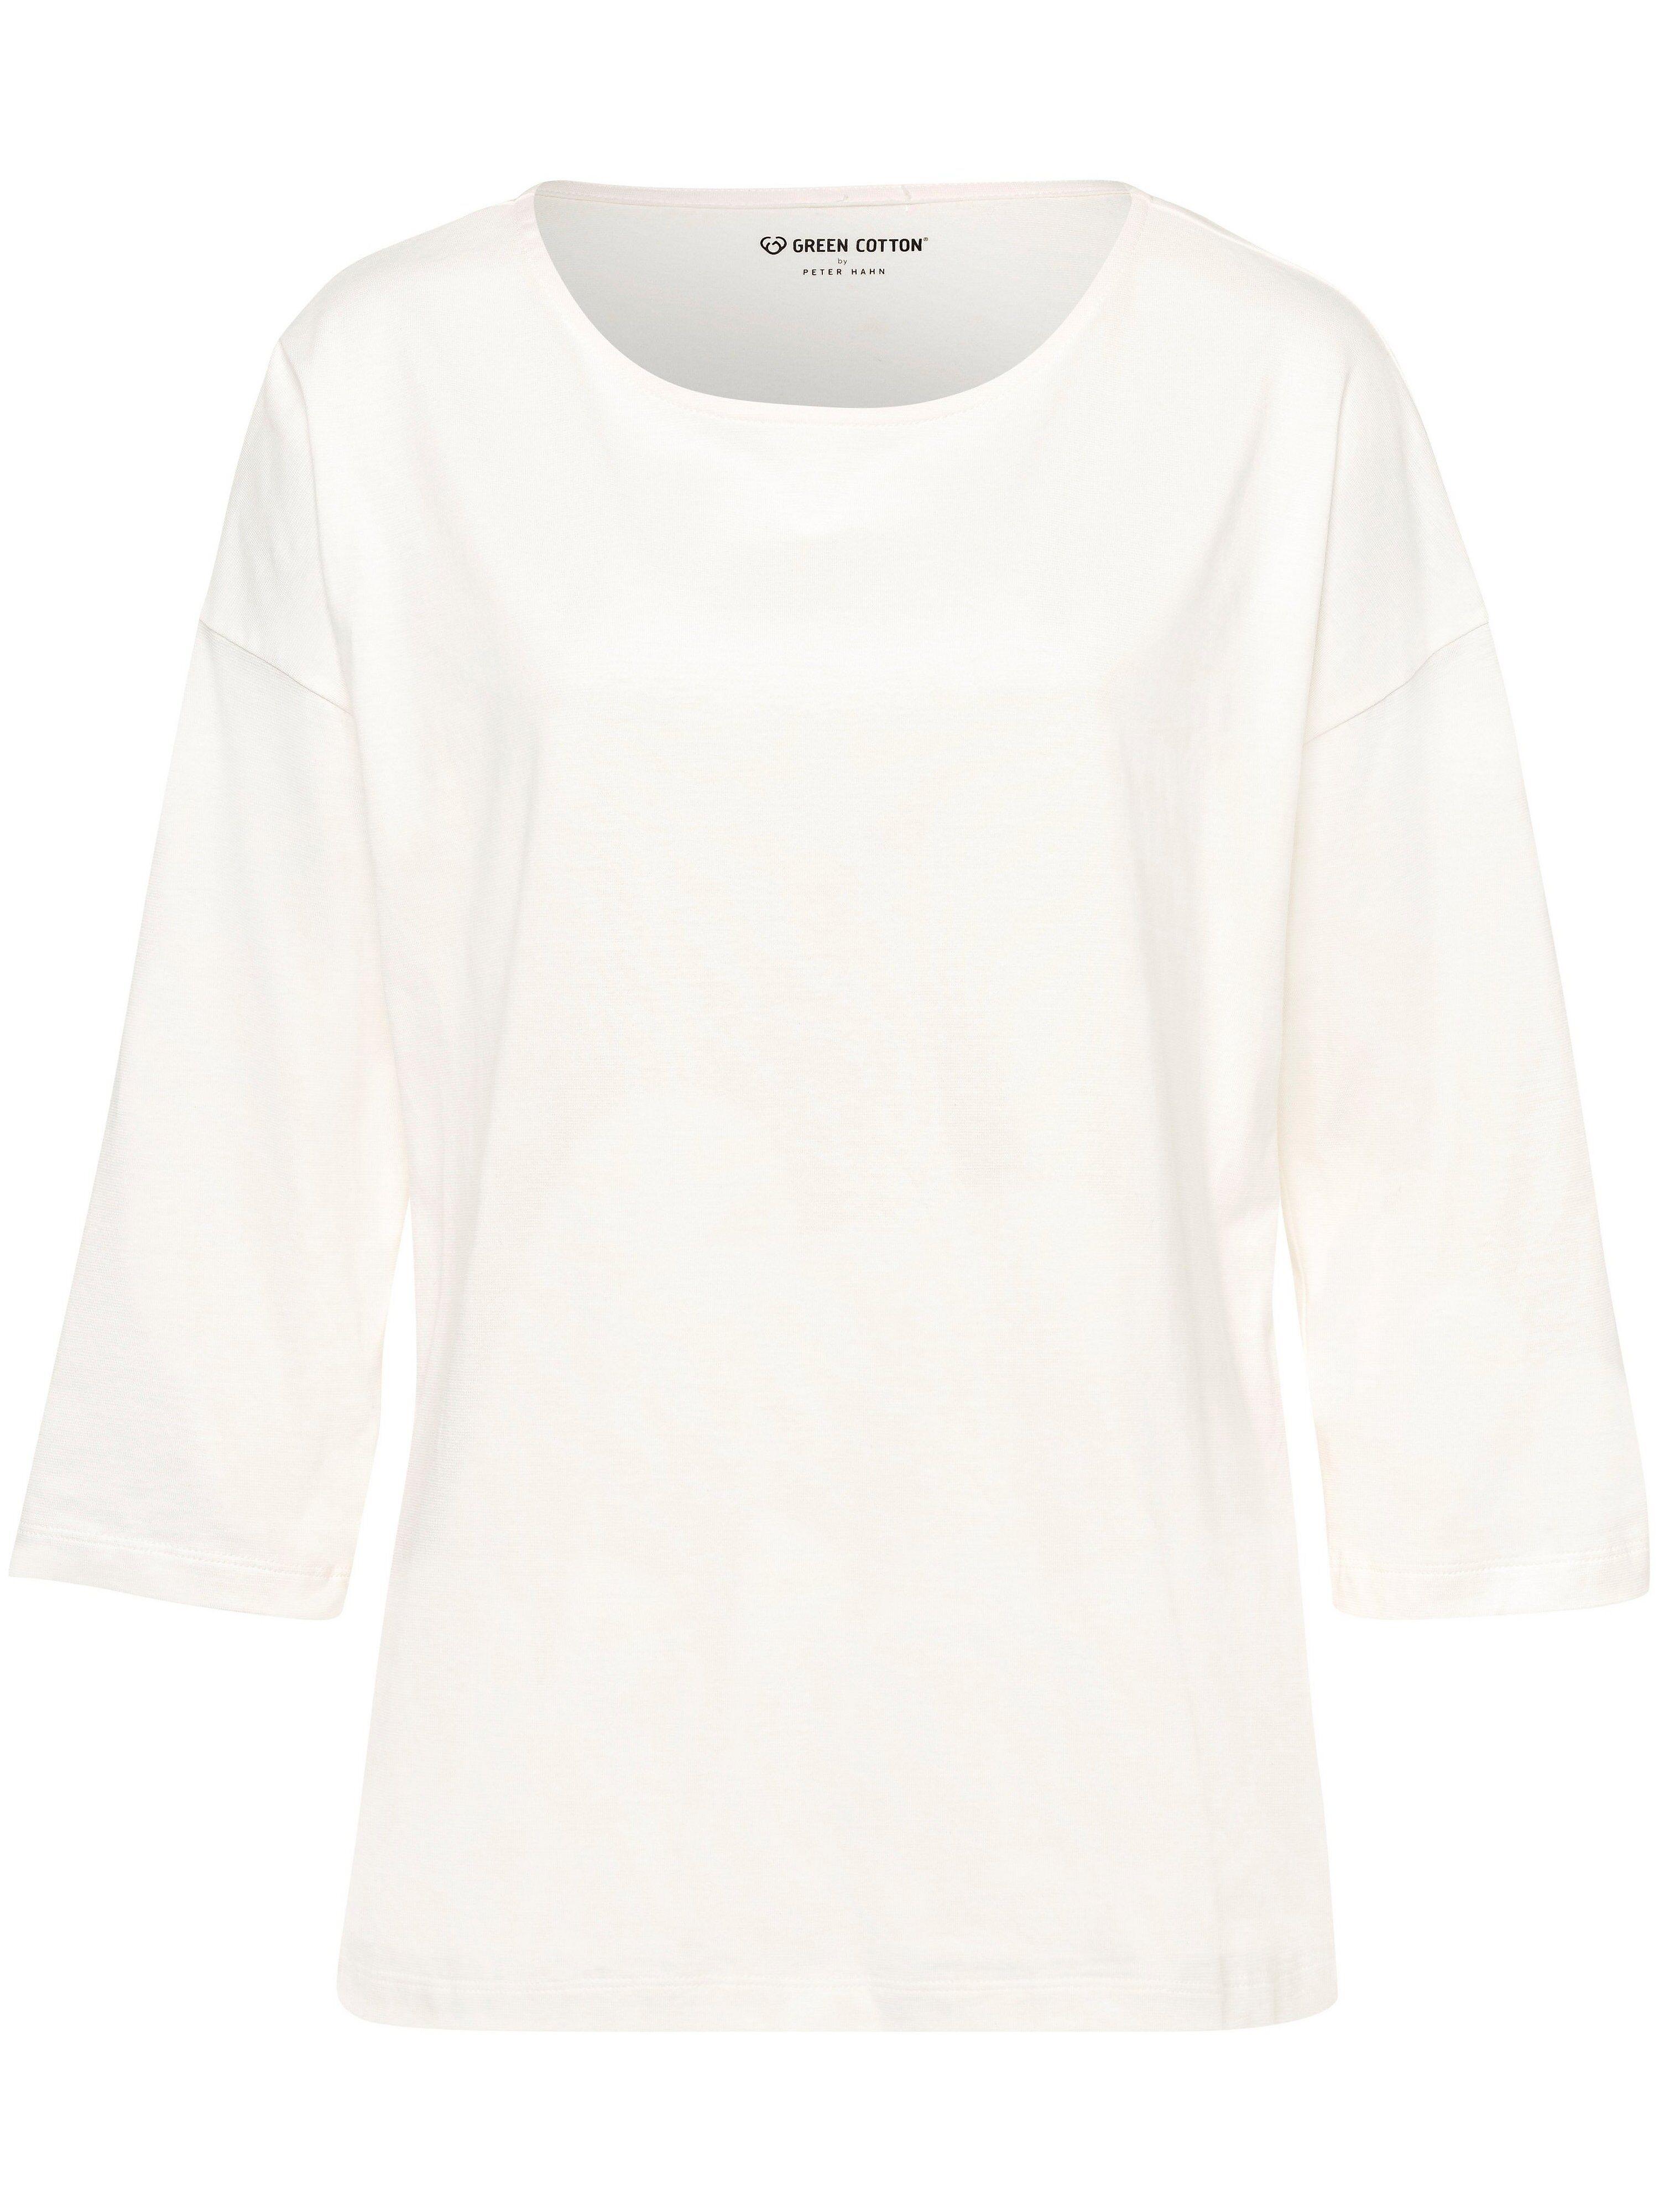 Green Cotton Le T-shirt 100% coton  Green Cotton blanc  - Femme - 42